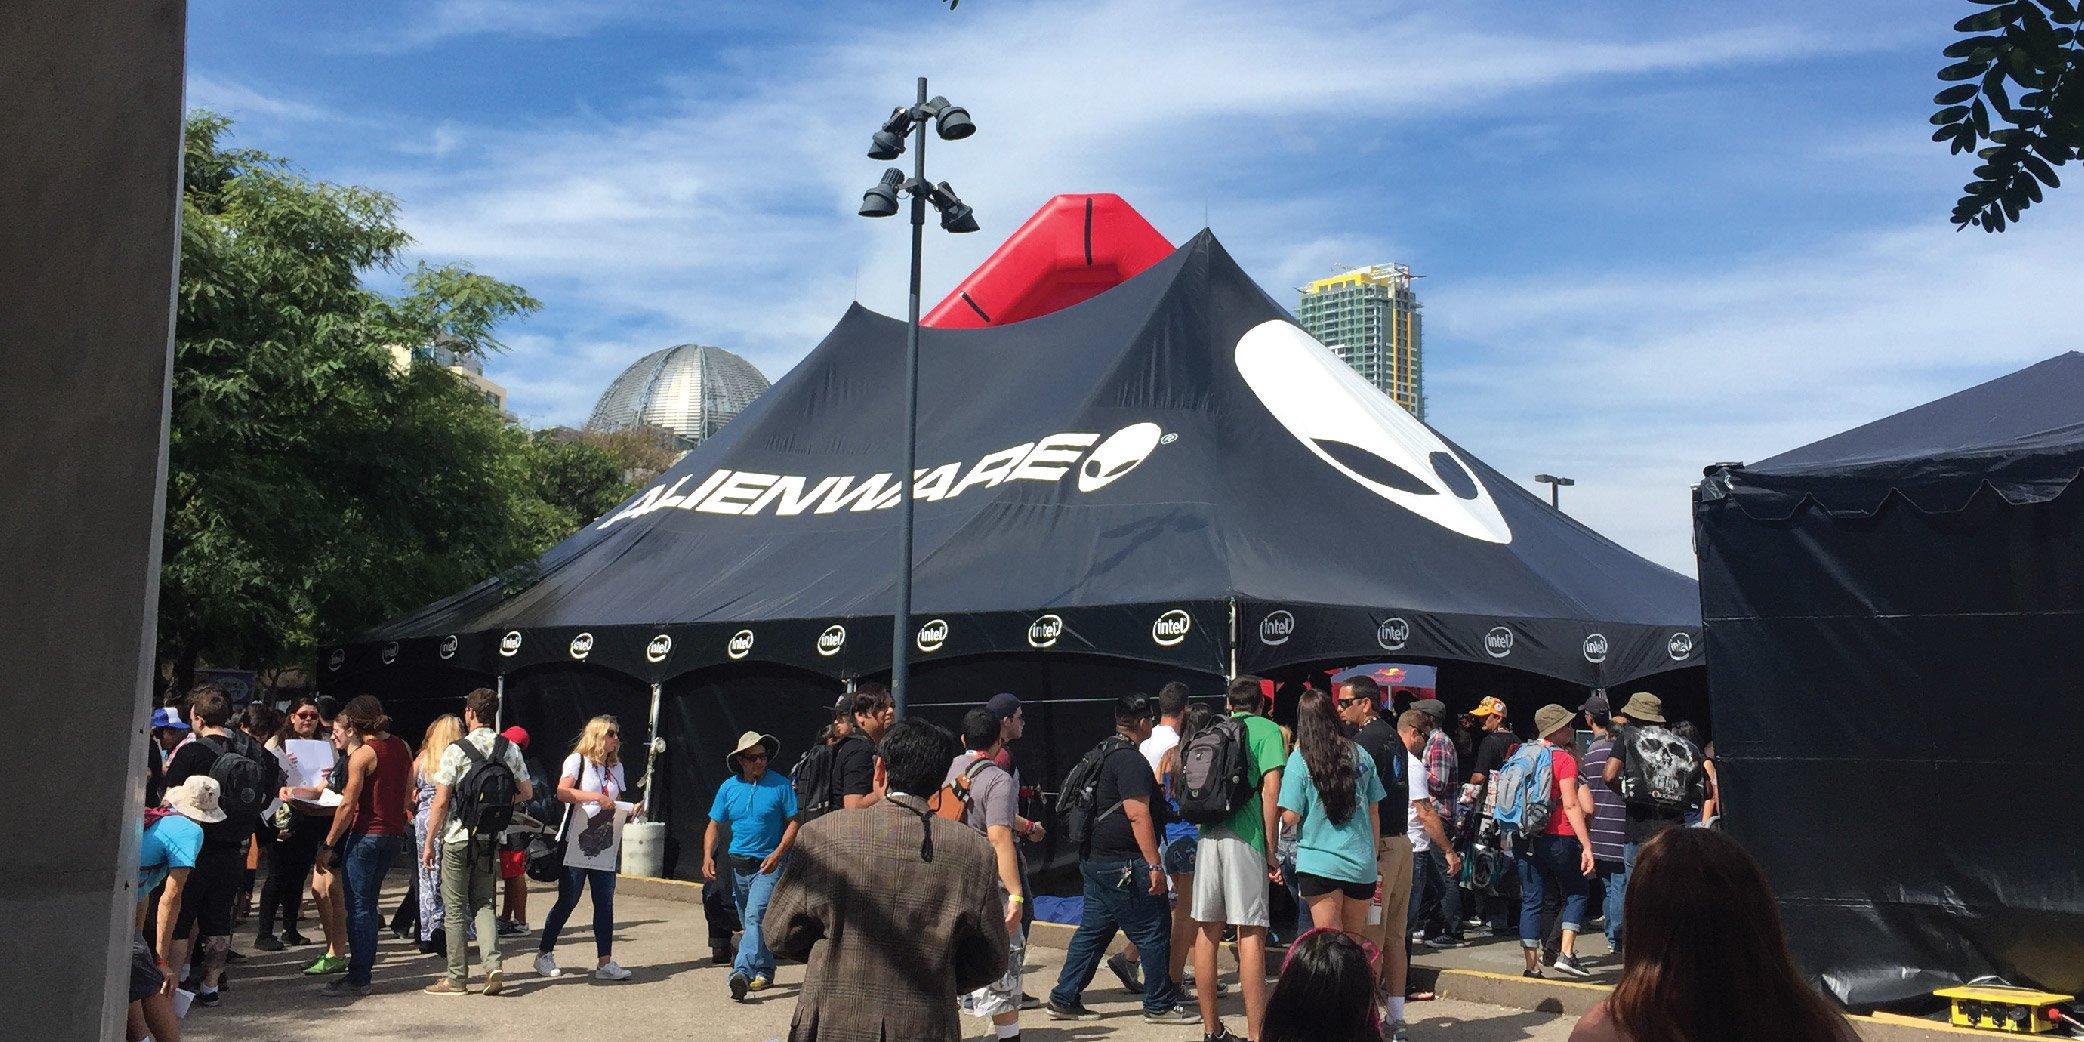 Alienware tent at Comic Con 2016